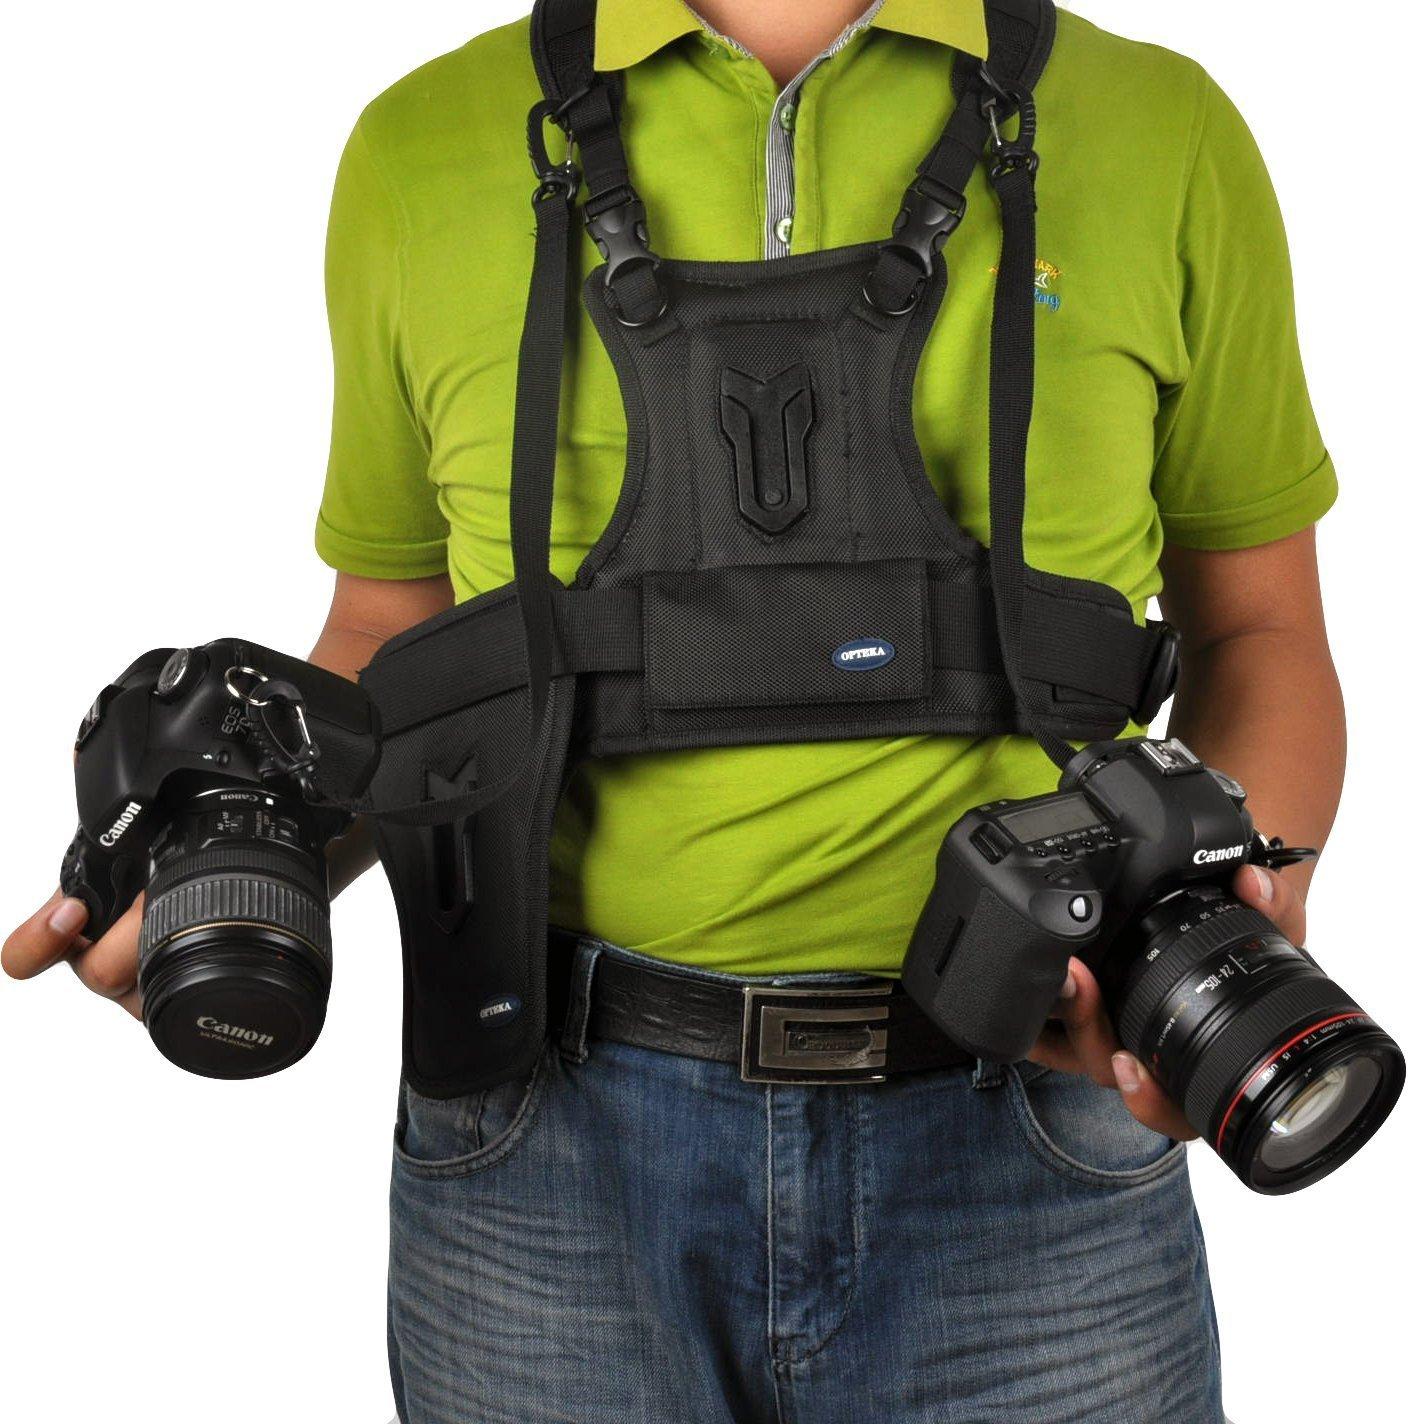 какую выбрать разгрузку для фотоаппарата как фотодиод, усилитель